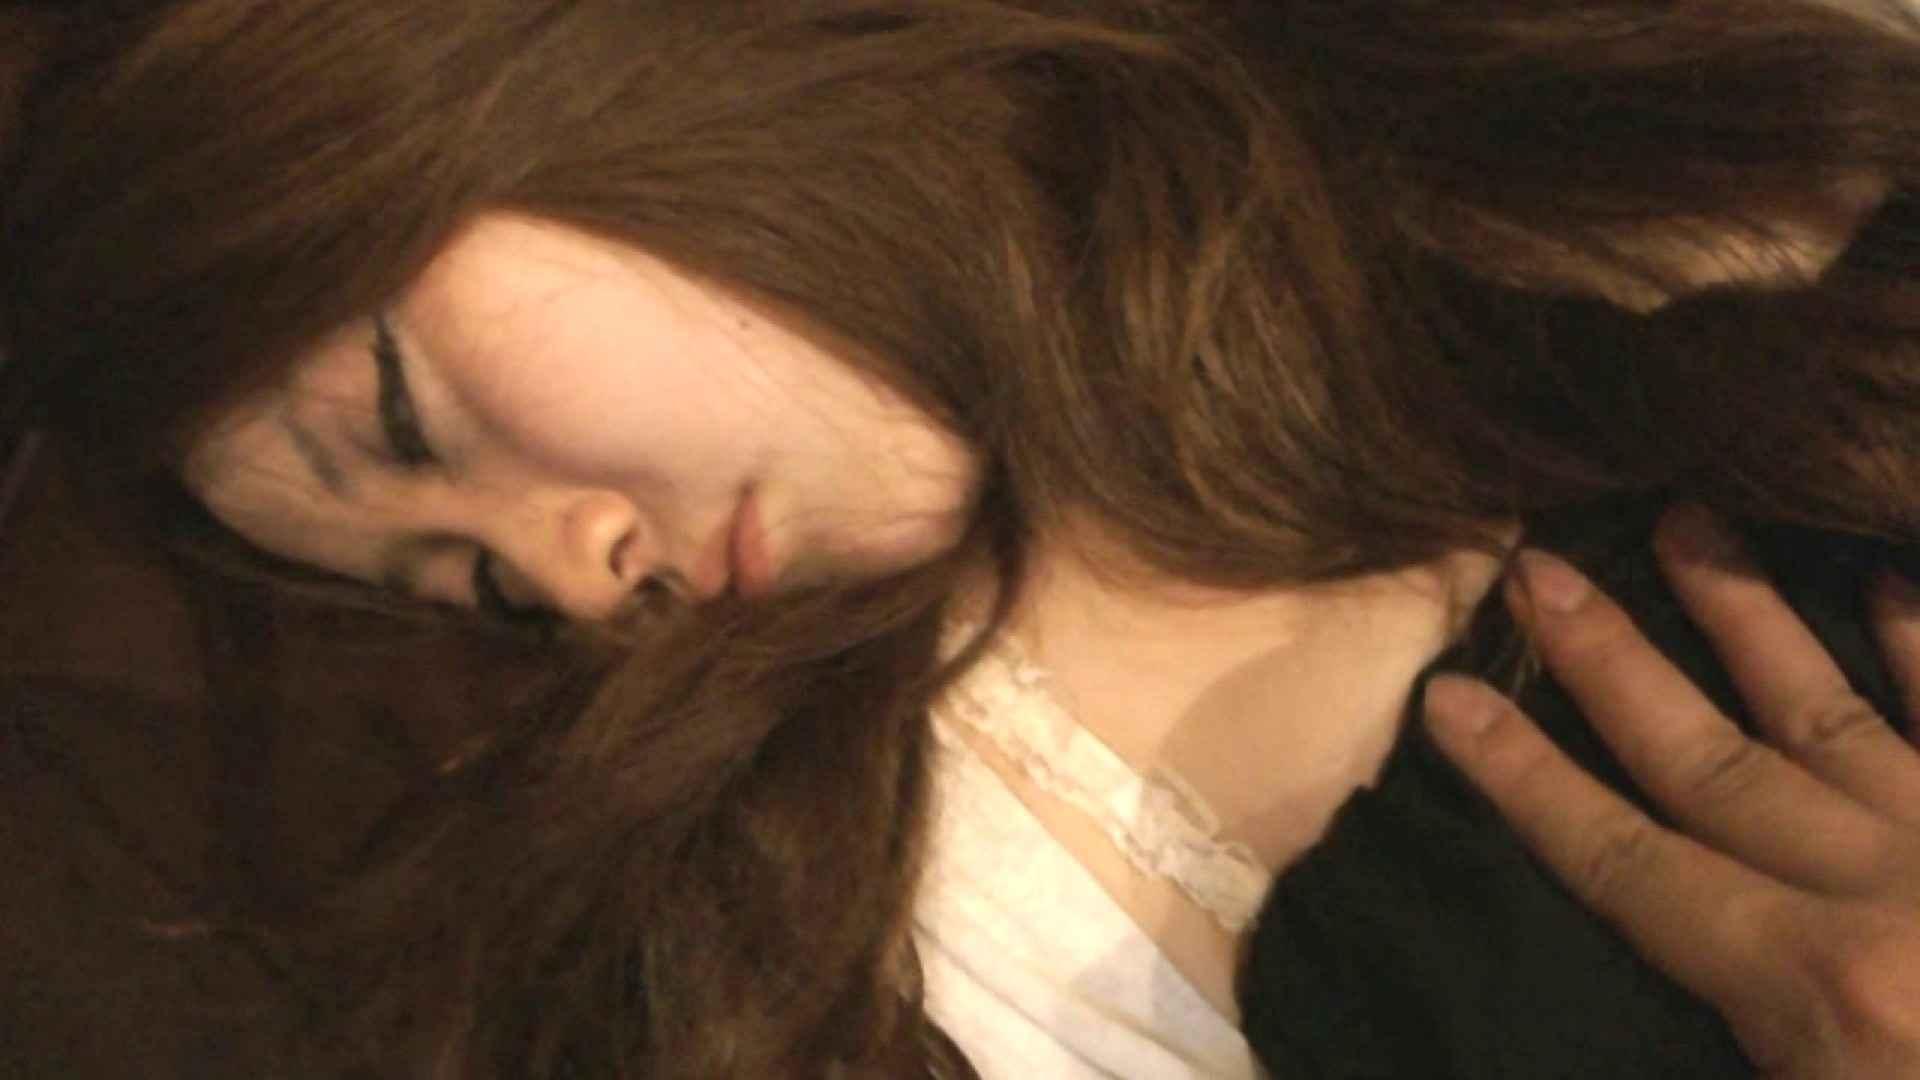 魔術師の お・も・て・な・し vol.10 19歳女子大生にカラオケでイタズラ 女子大生特集  48連発 34